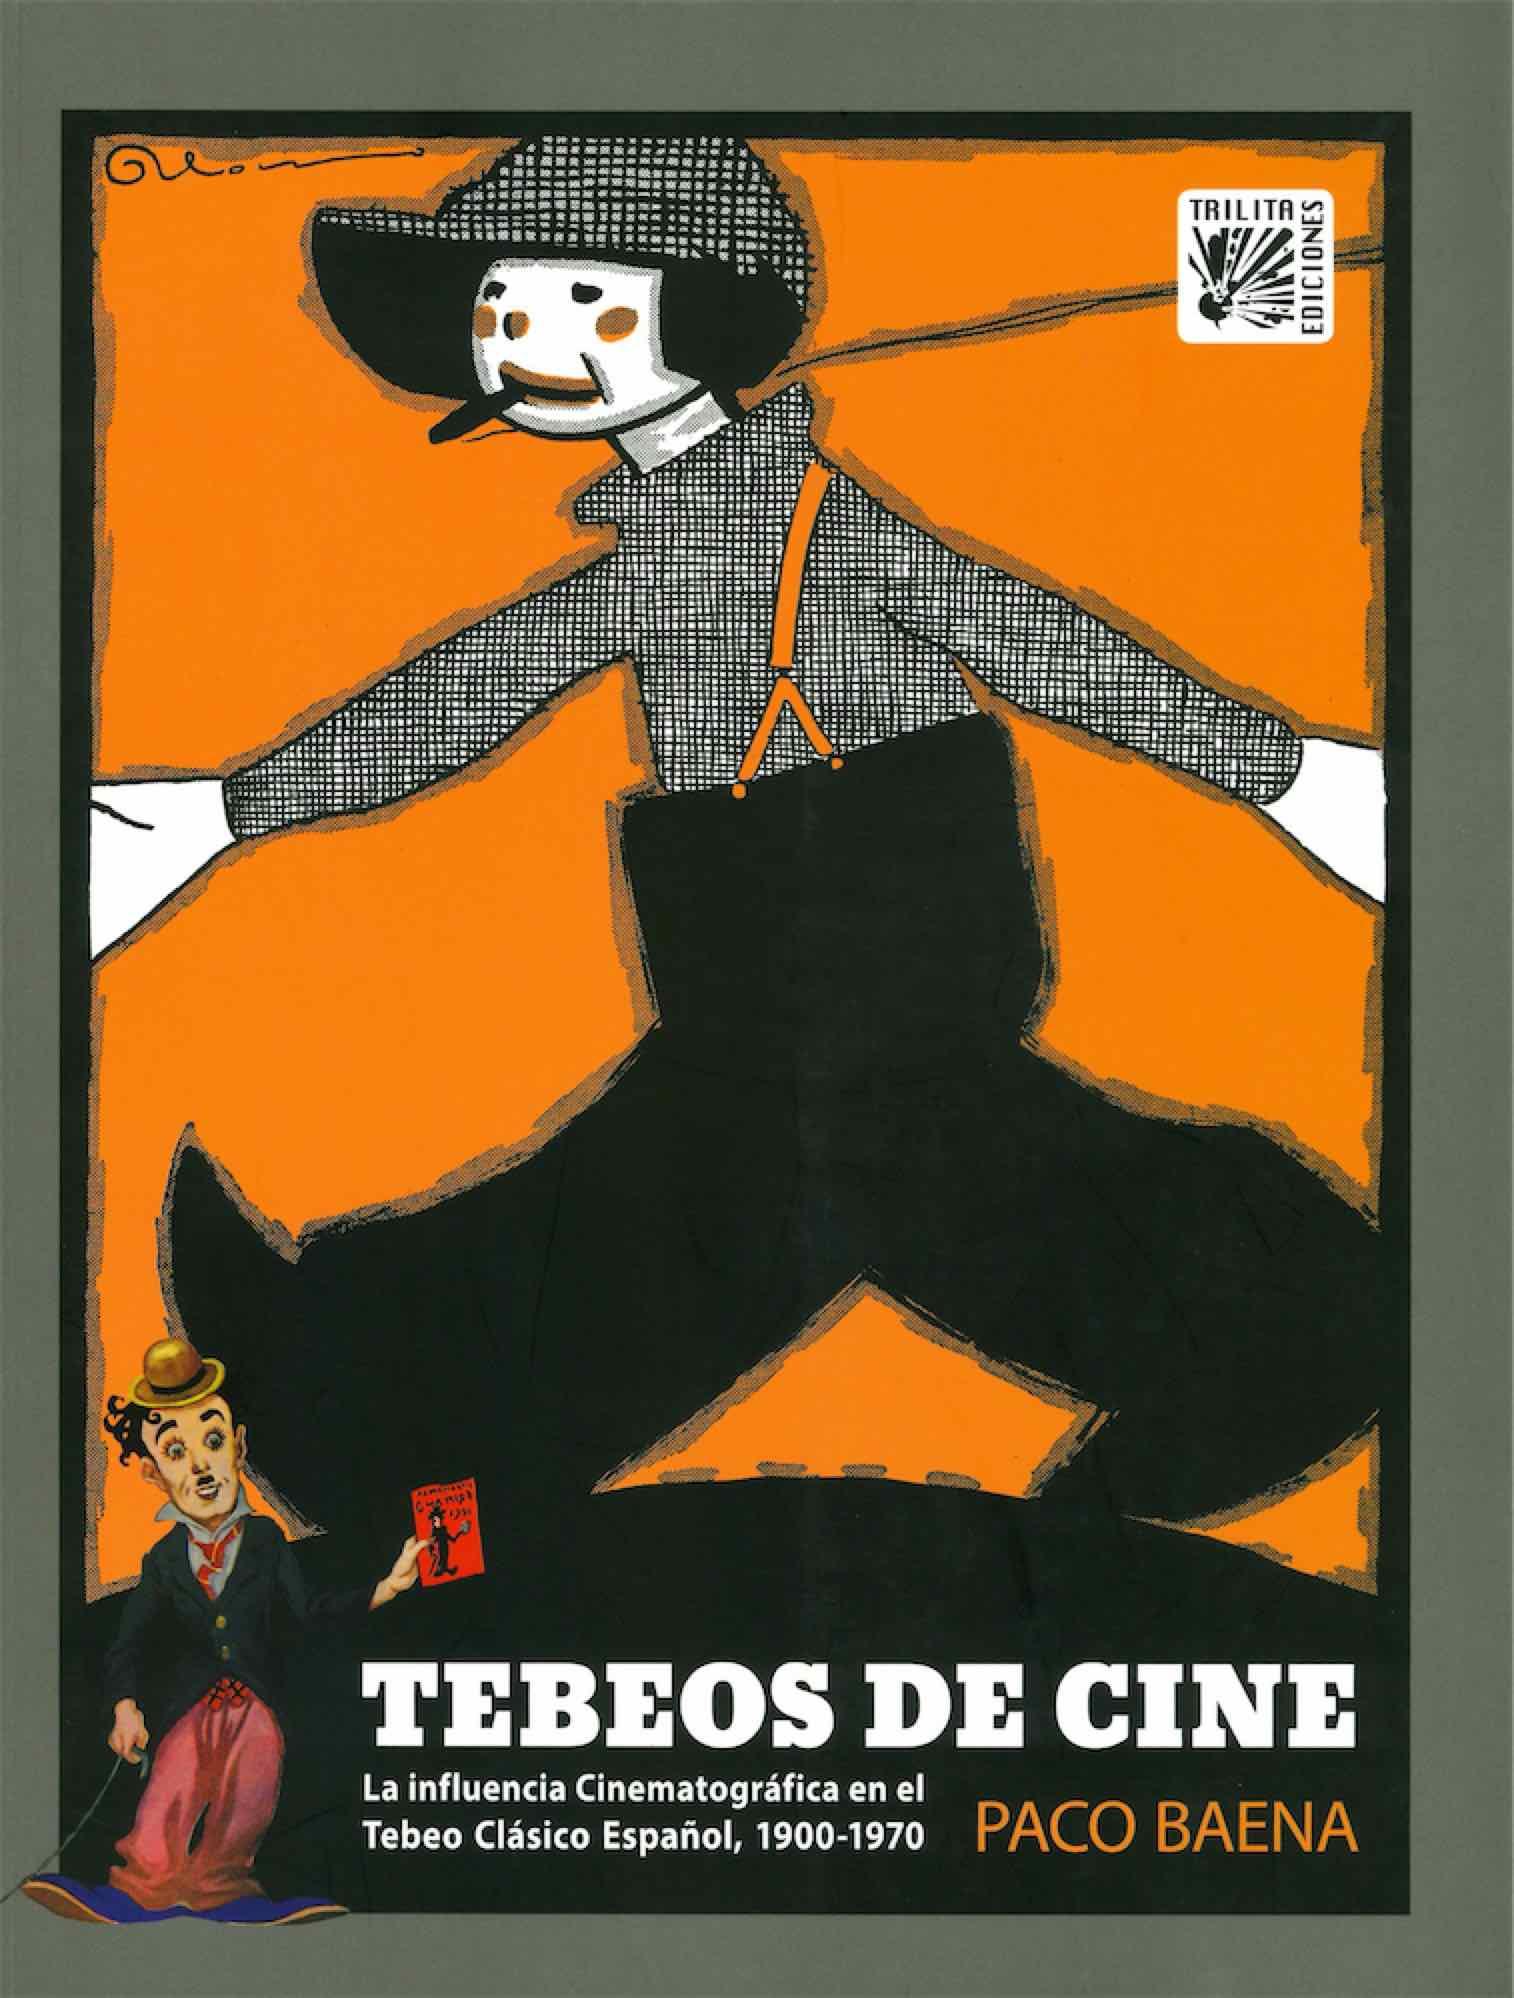 TEBEOS DE CINE